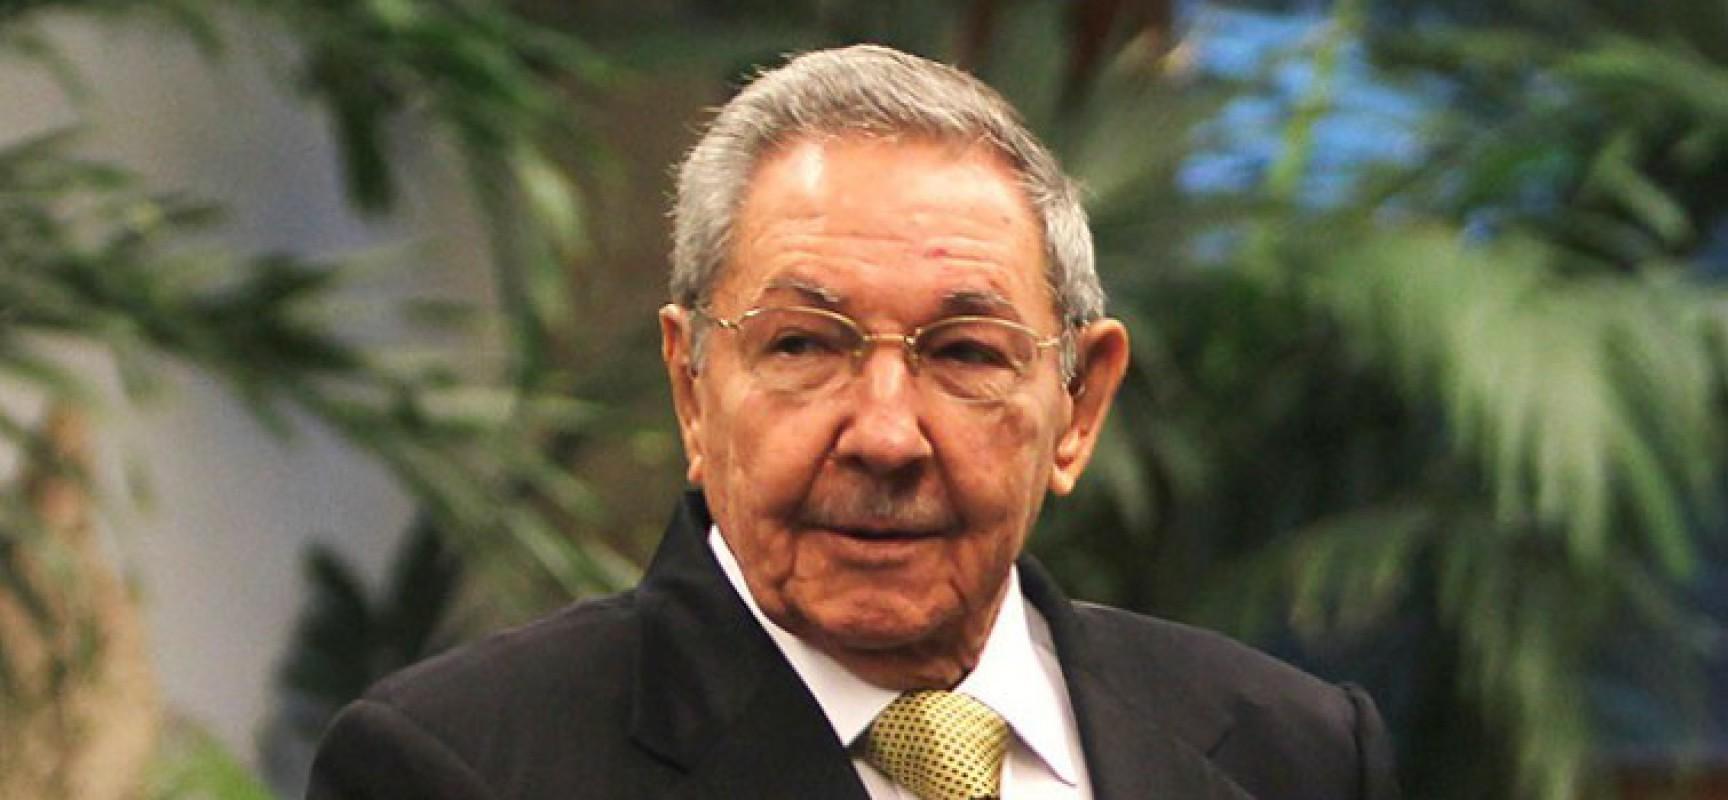 Fernando Lugo - l'Amérique latine RAUL-CASTRO-AP-755x4901-1728x800_c